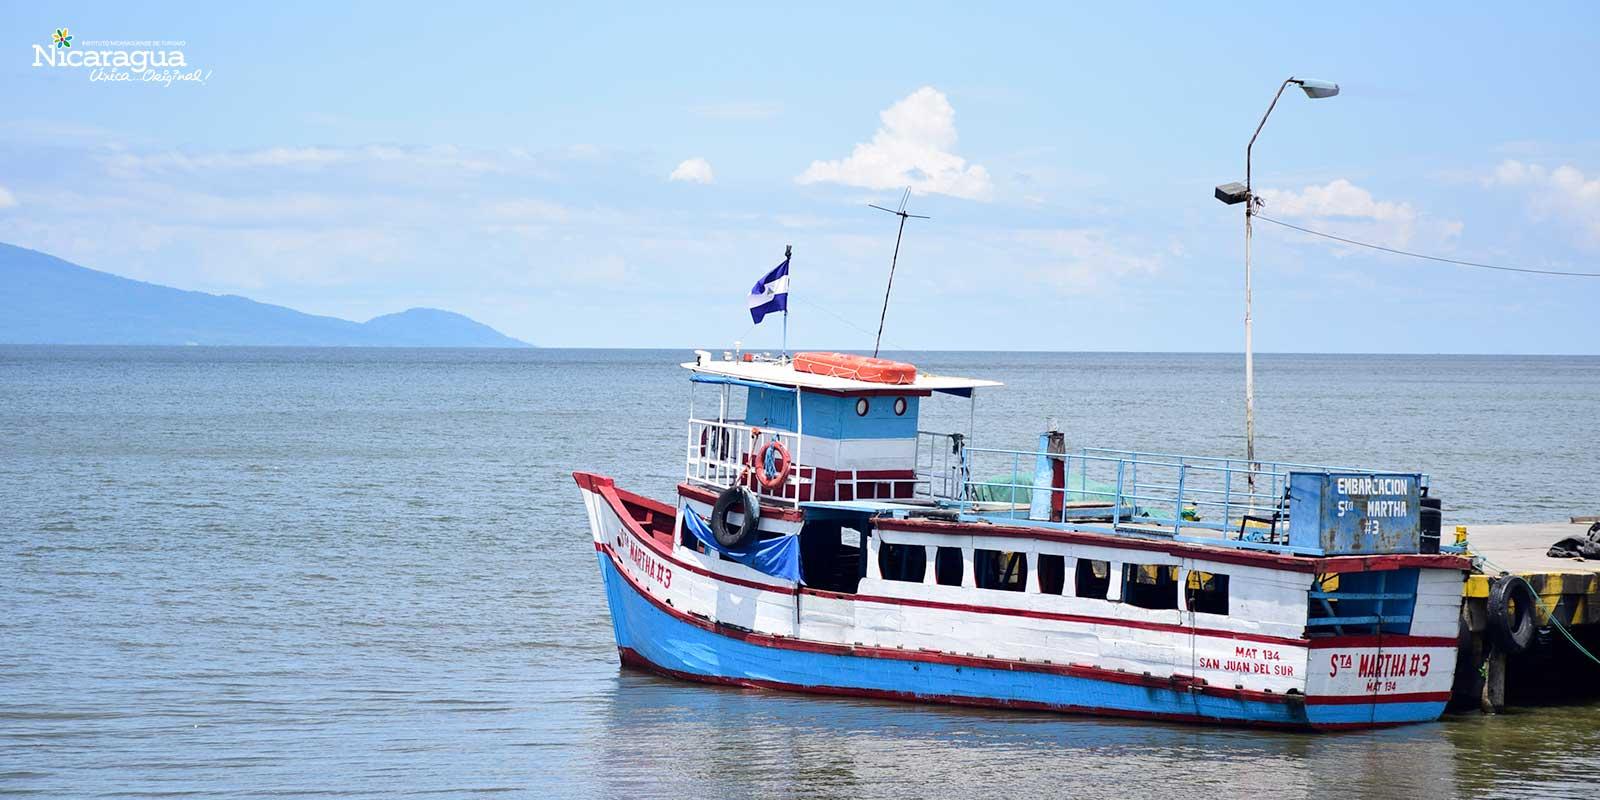 Pintando-Ometepe-Nicaragua